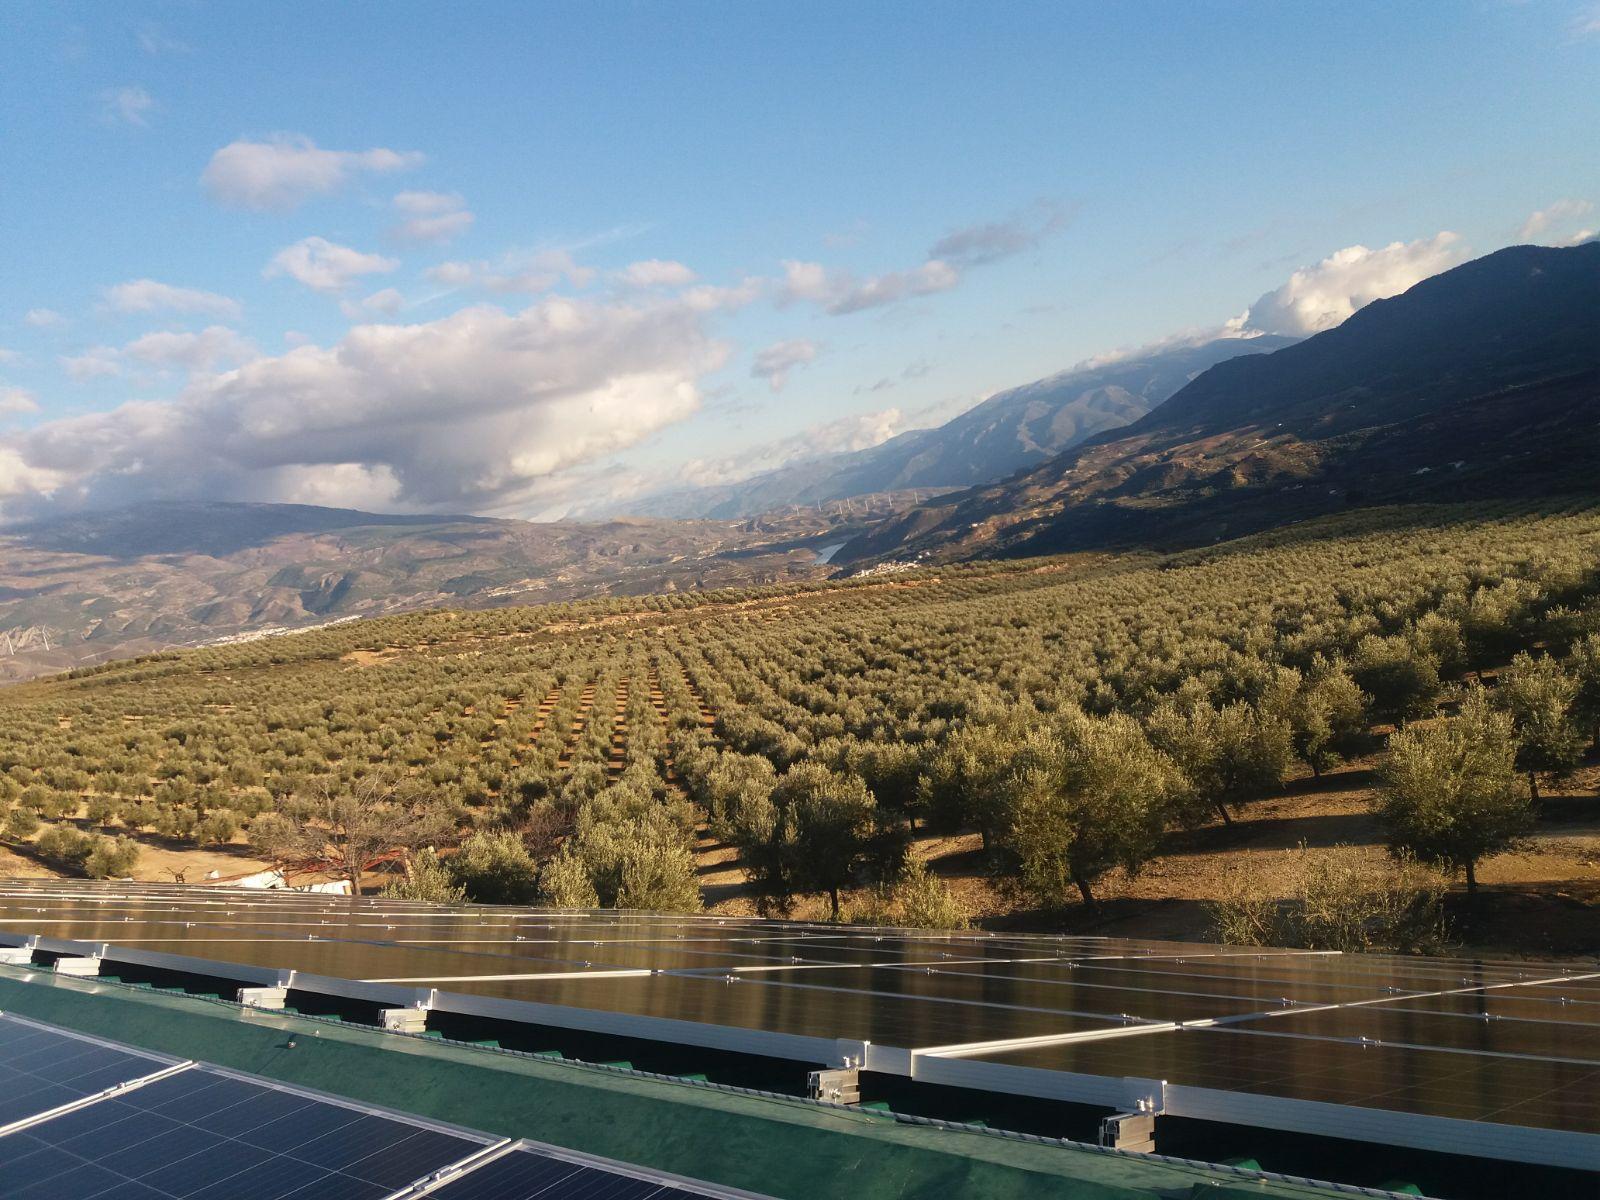 Instalación de 28kw para riego en finca agrícola en Albuñuelas (Granada)